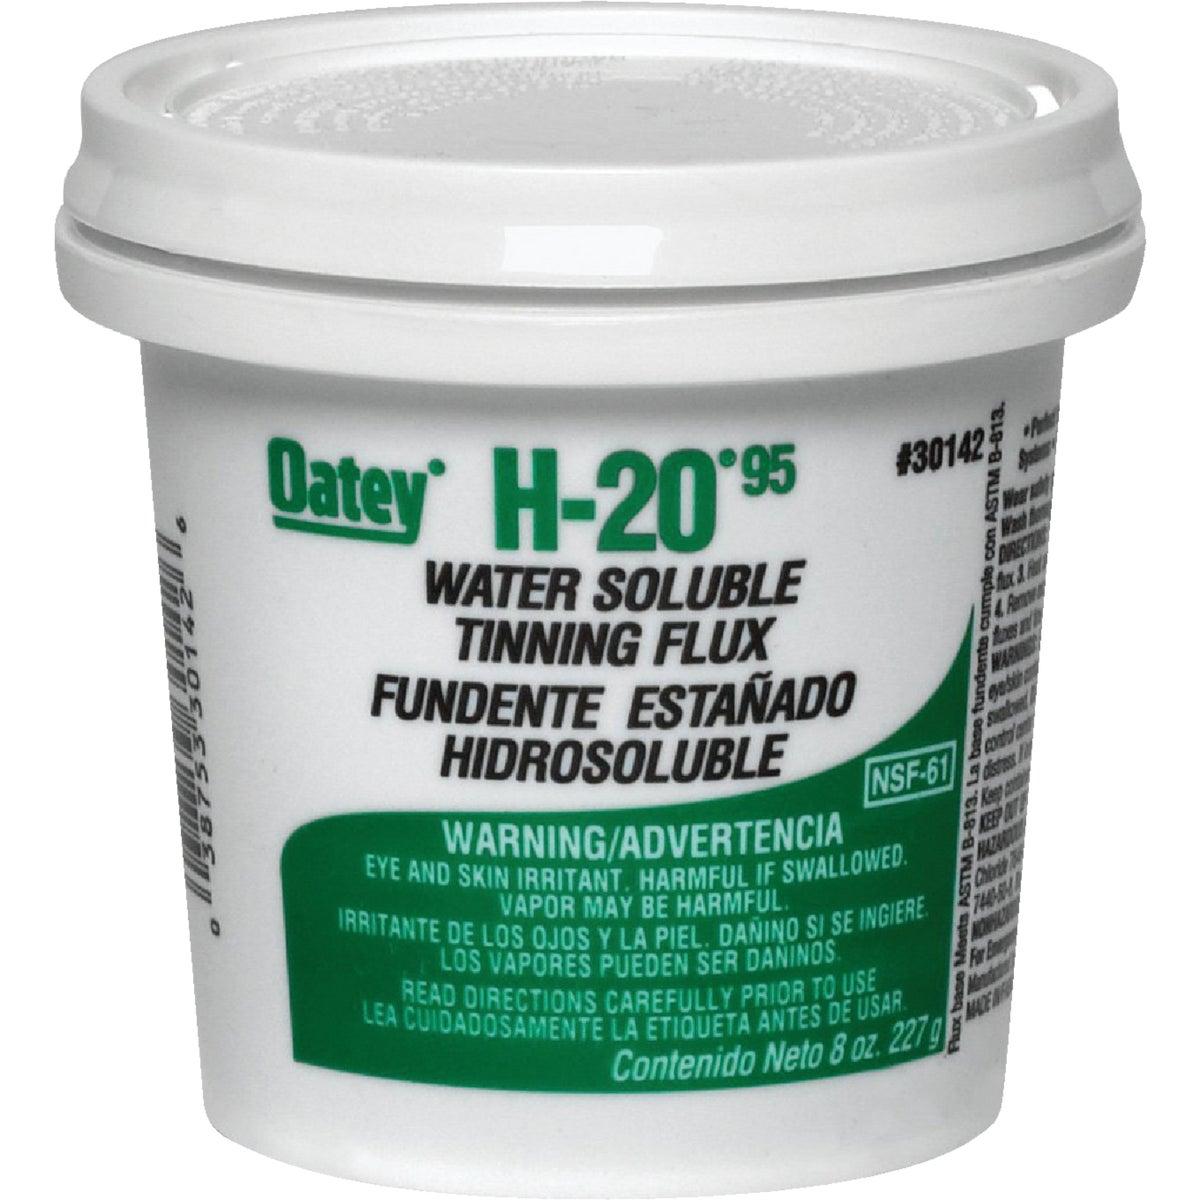 Do-It/Oatey 8OZ WATER SOLUBLE FLUX 30142